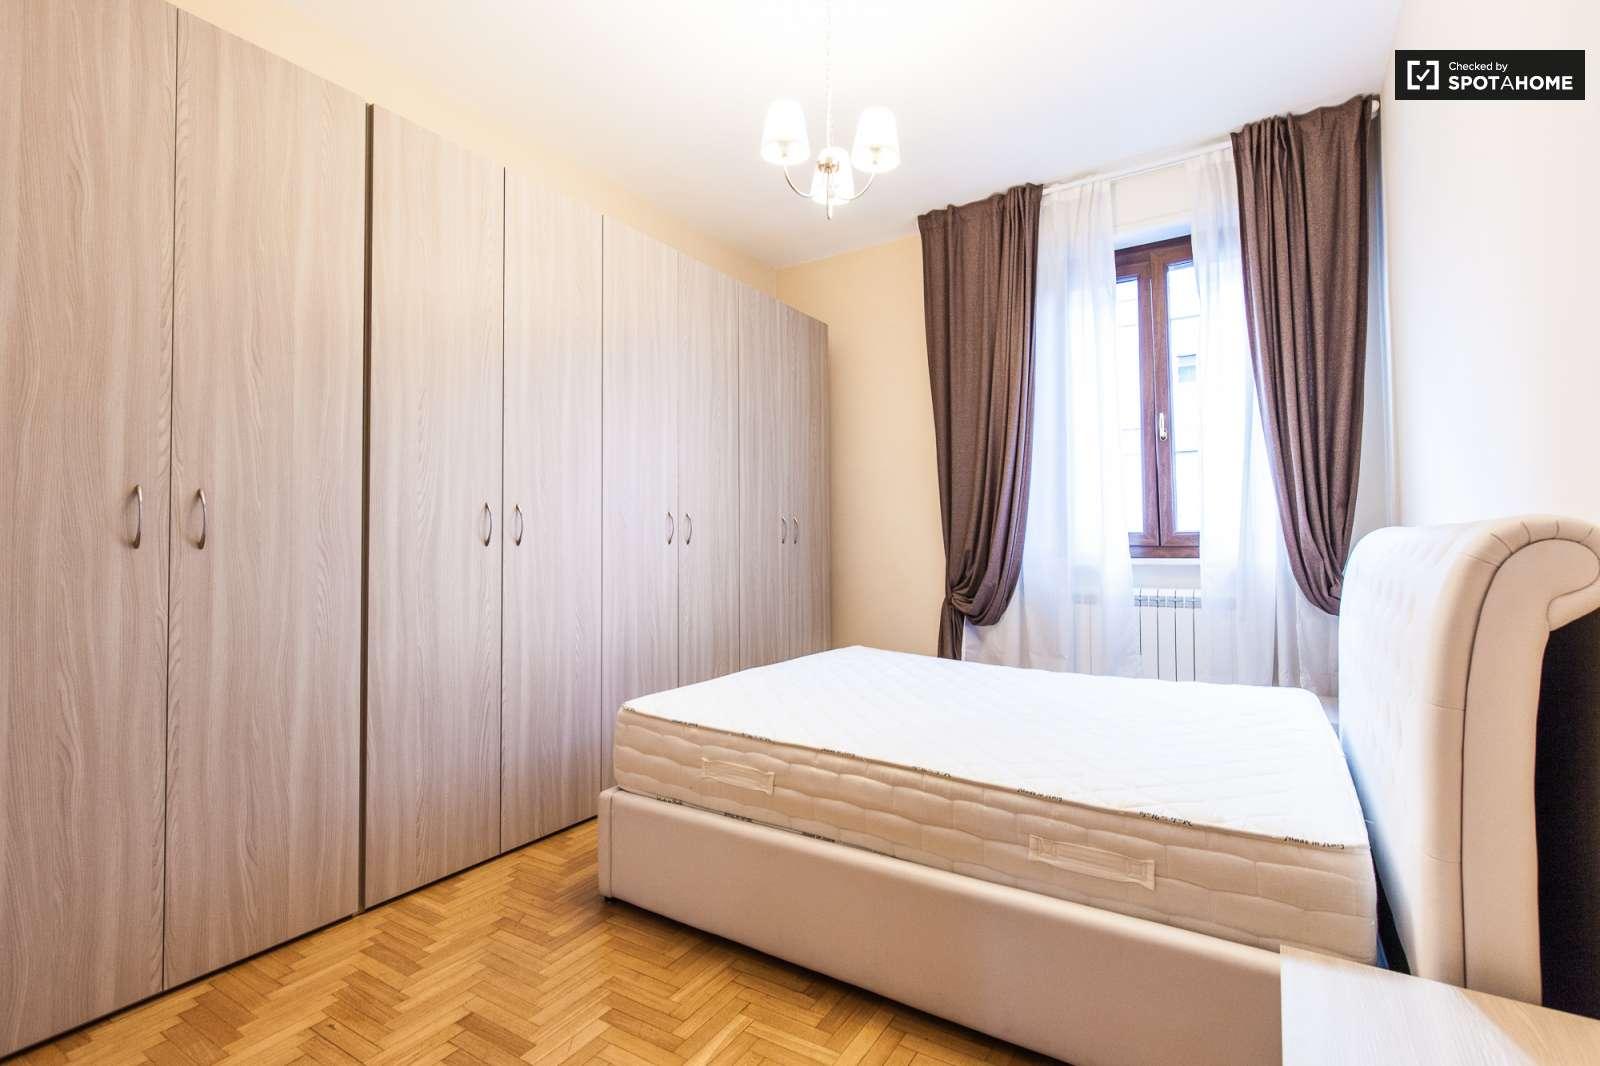 Spaziose stanze in affitto in un appartamento con 3 camere for Appartamento con 3 camere da letto